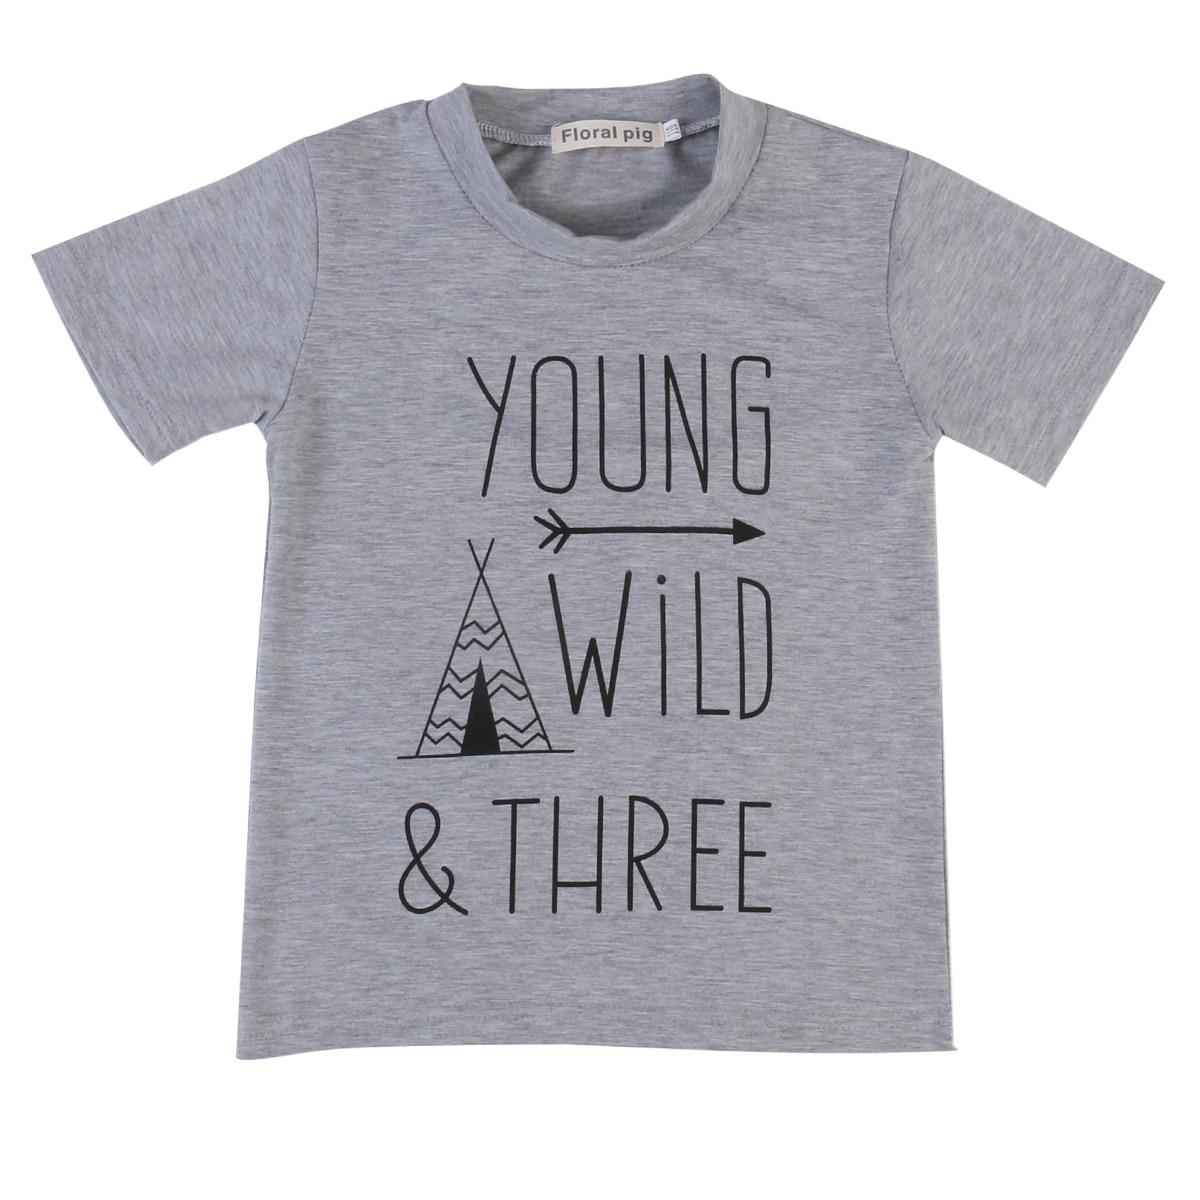 Oberteile Und T-shirts Nett Pudcoco Kinder Jungen T-shirts Grau Graphic Tees Buchstaben Jungen Wilden Drei Kinder Hoher Standard In QualitäT Und Hygiene T-shirts